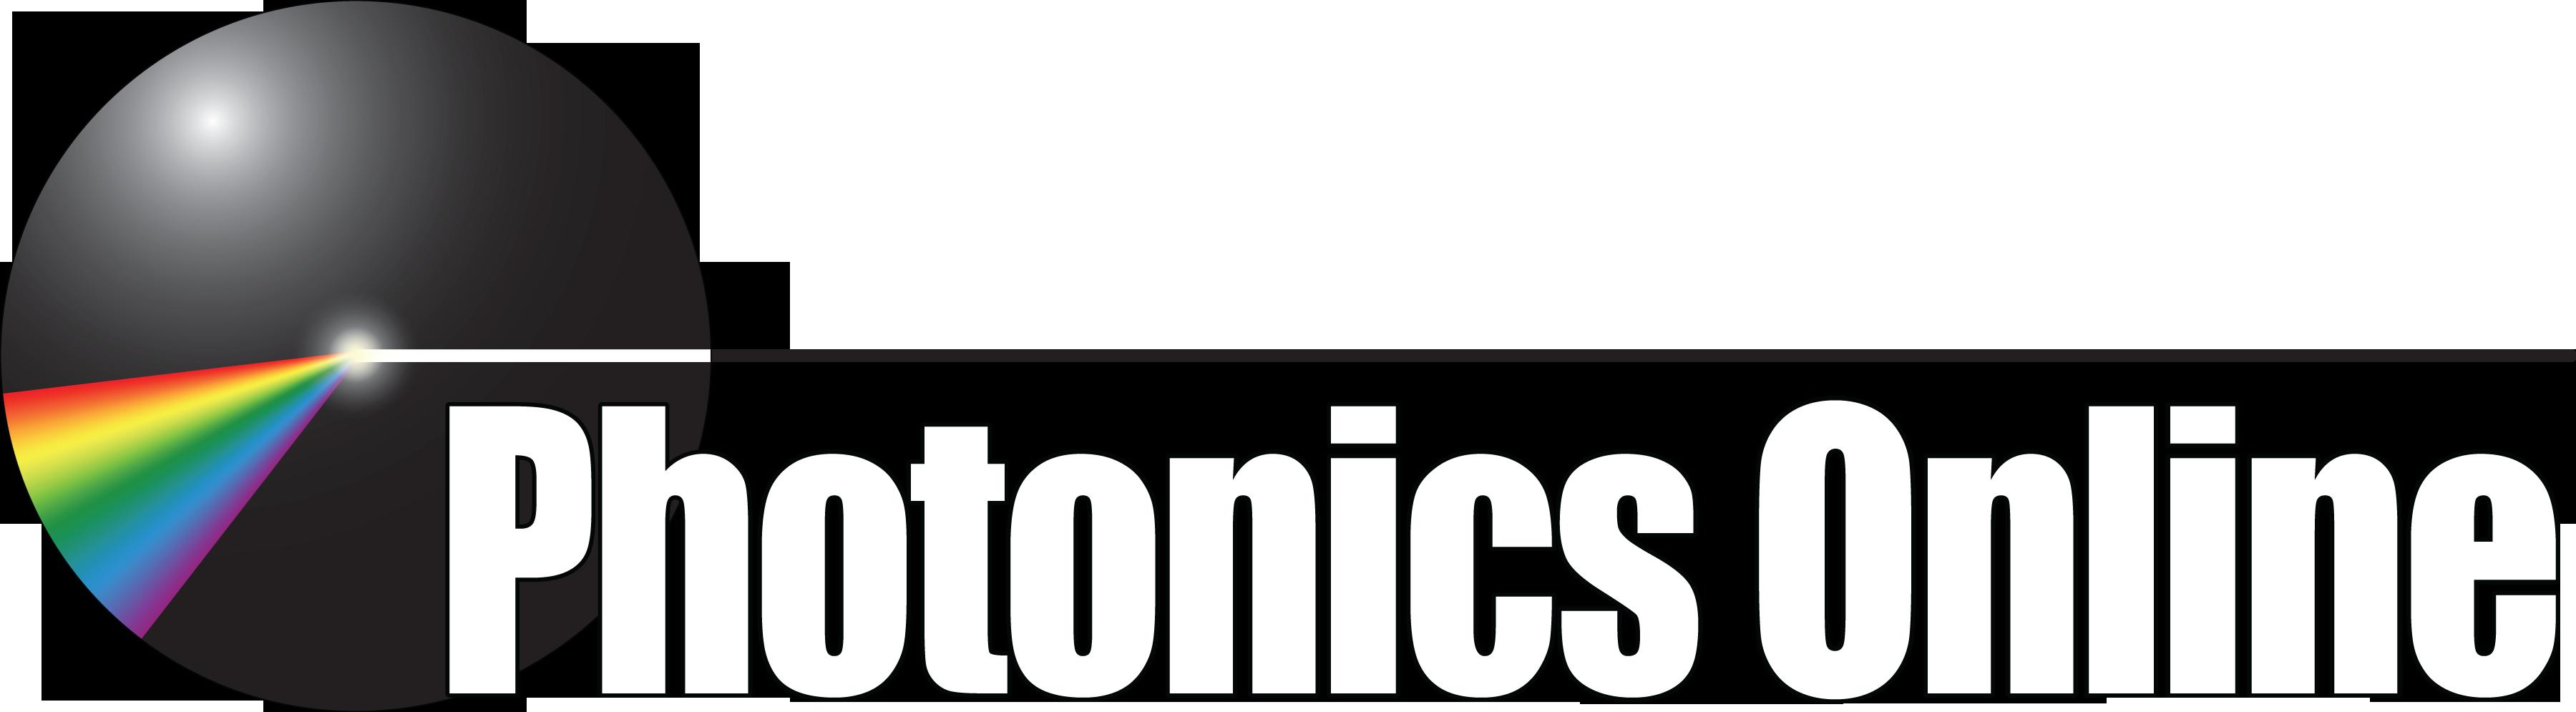 Photonics Online